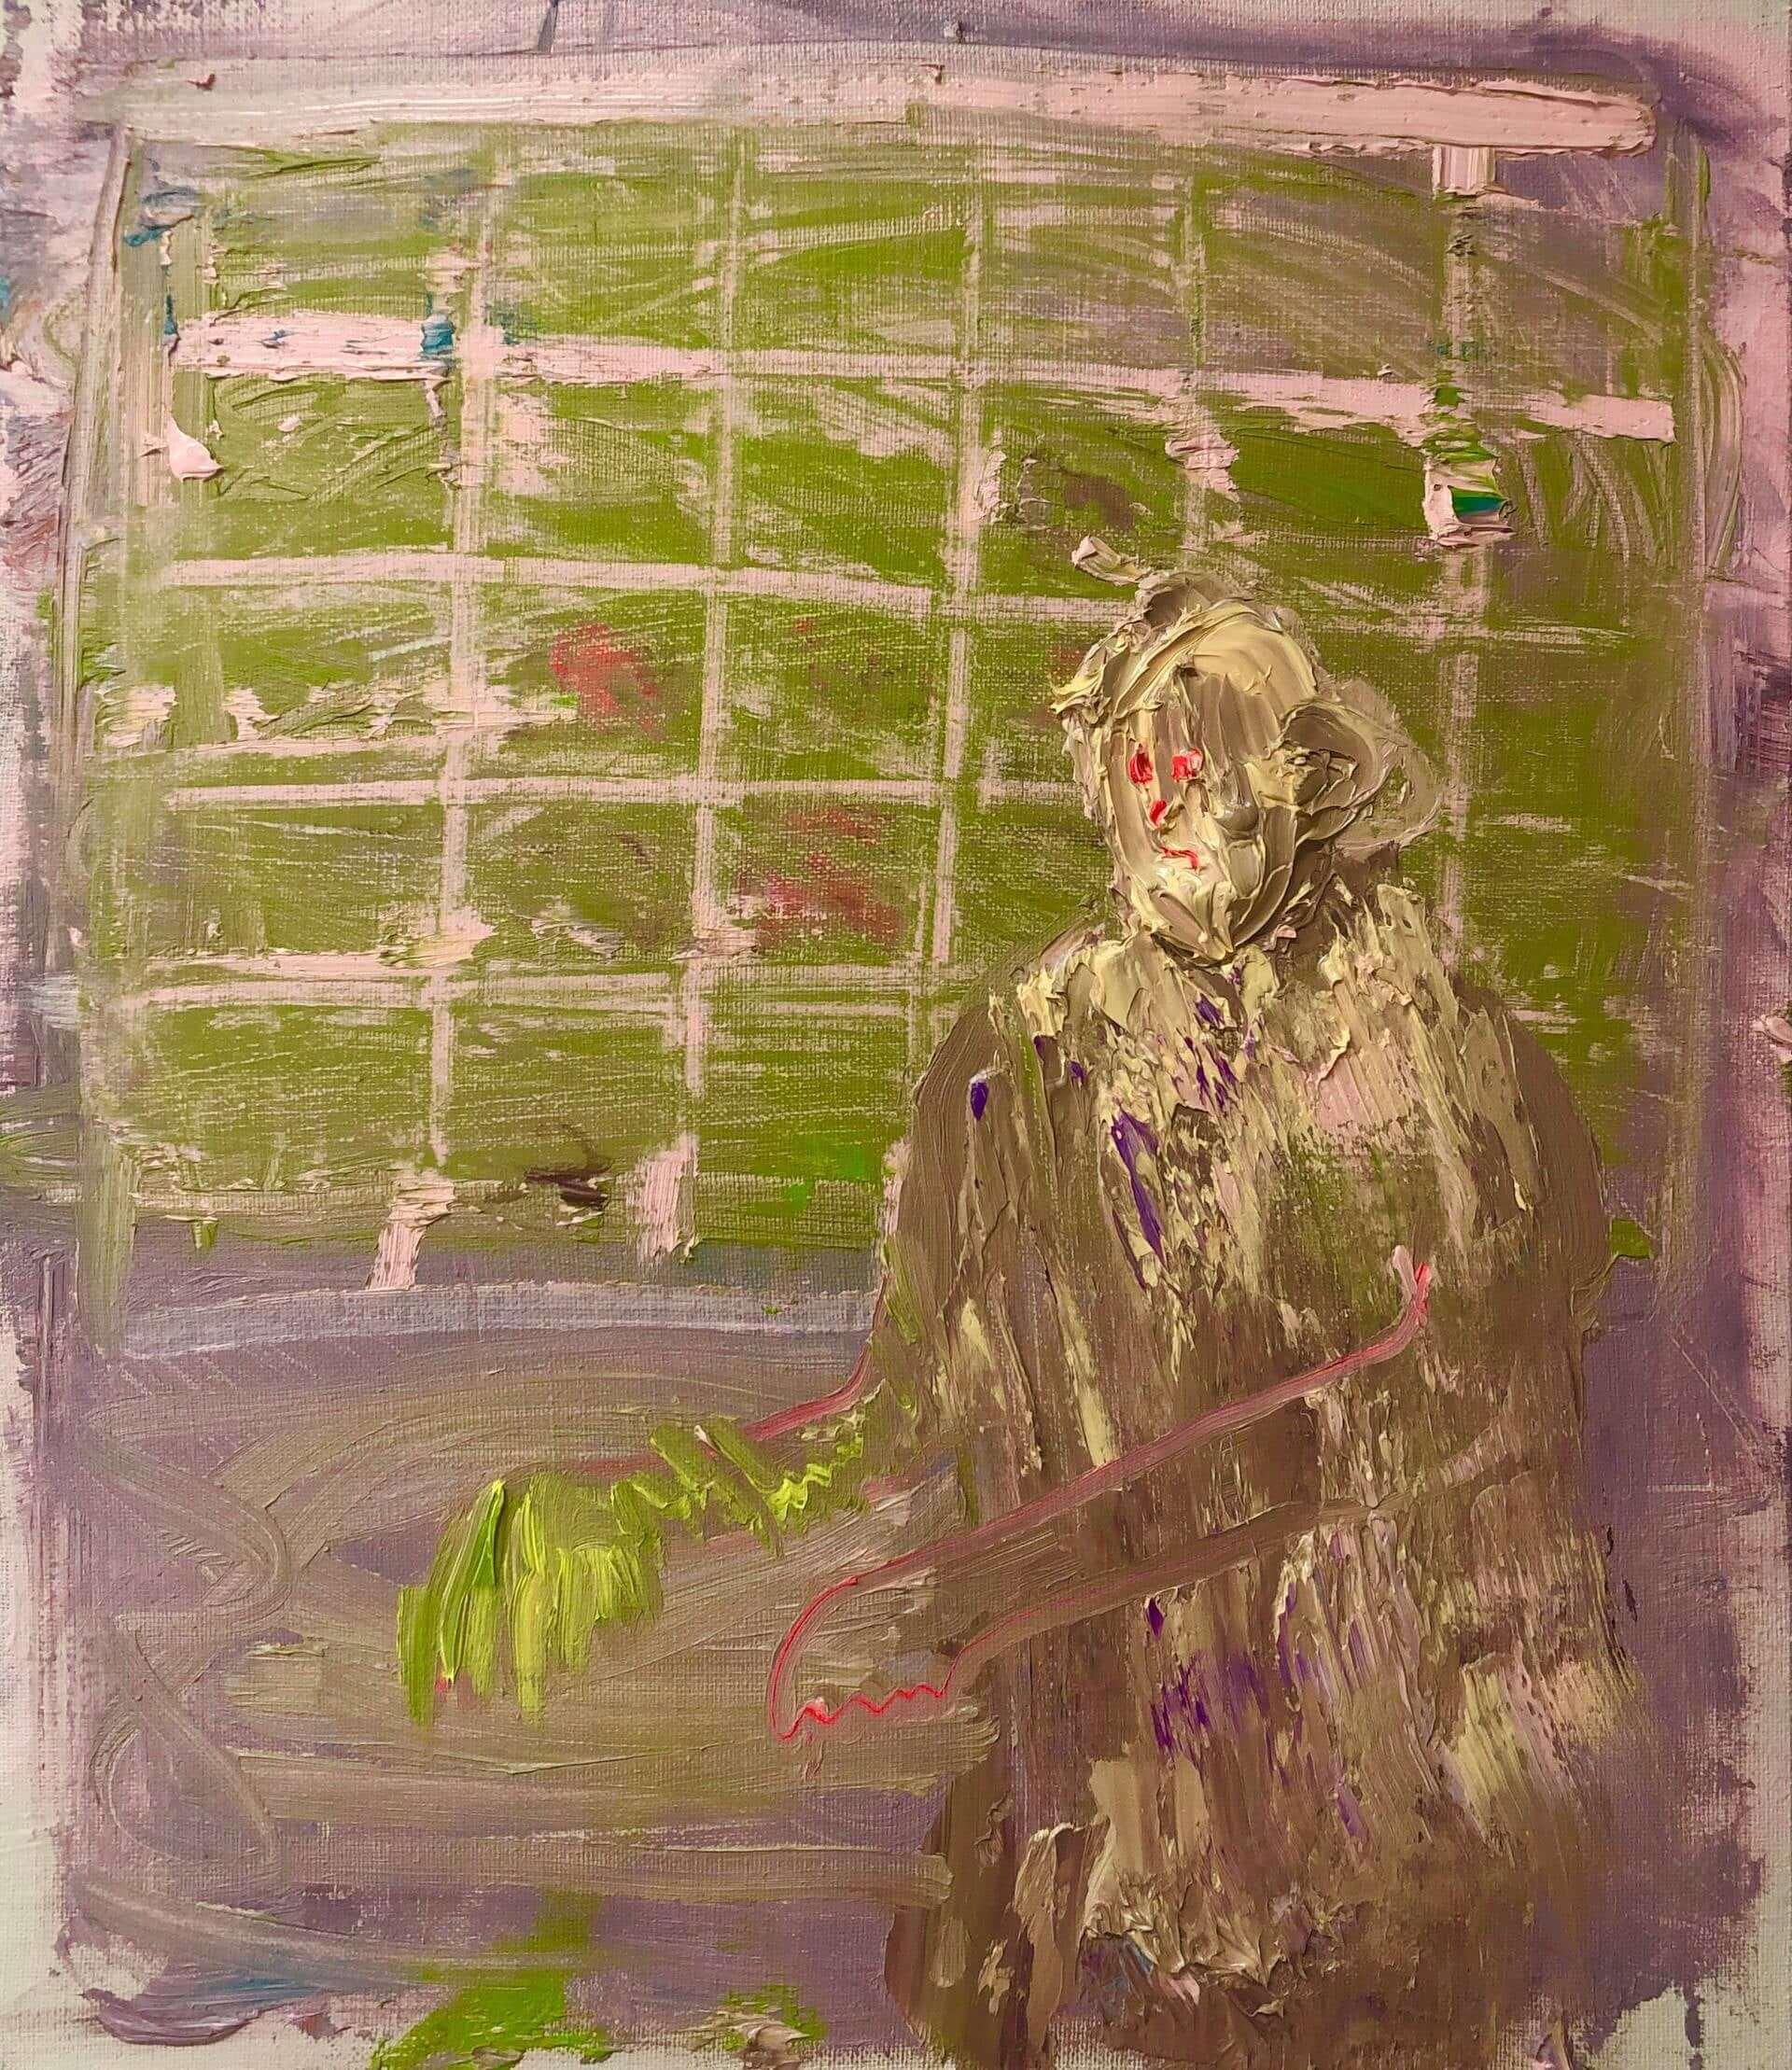 京都、奈良を拠点とする東慎也、米村優人の作品展<神の左手 悪魔の右手>が渋谷EUKARYOTEにて開催! art200722_eukaryote_4-1920x2218